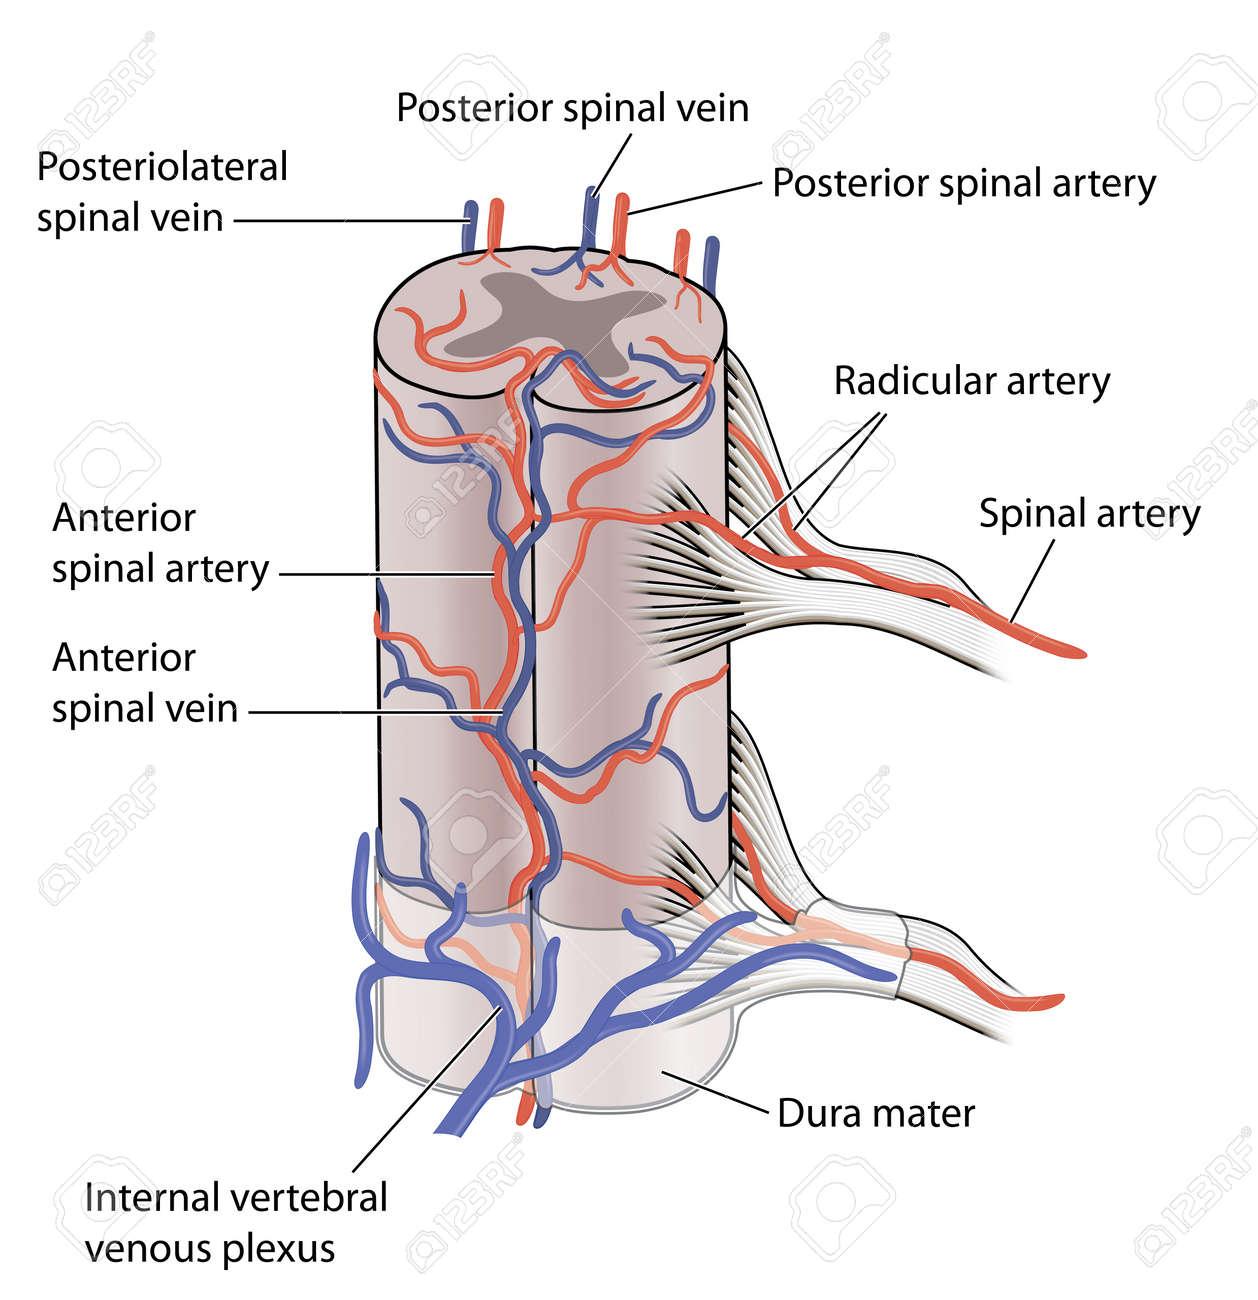 Groß Diagramm Venen Zeitgenössisch - Anatomie Und Physiologie ...